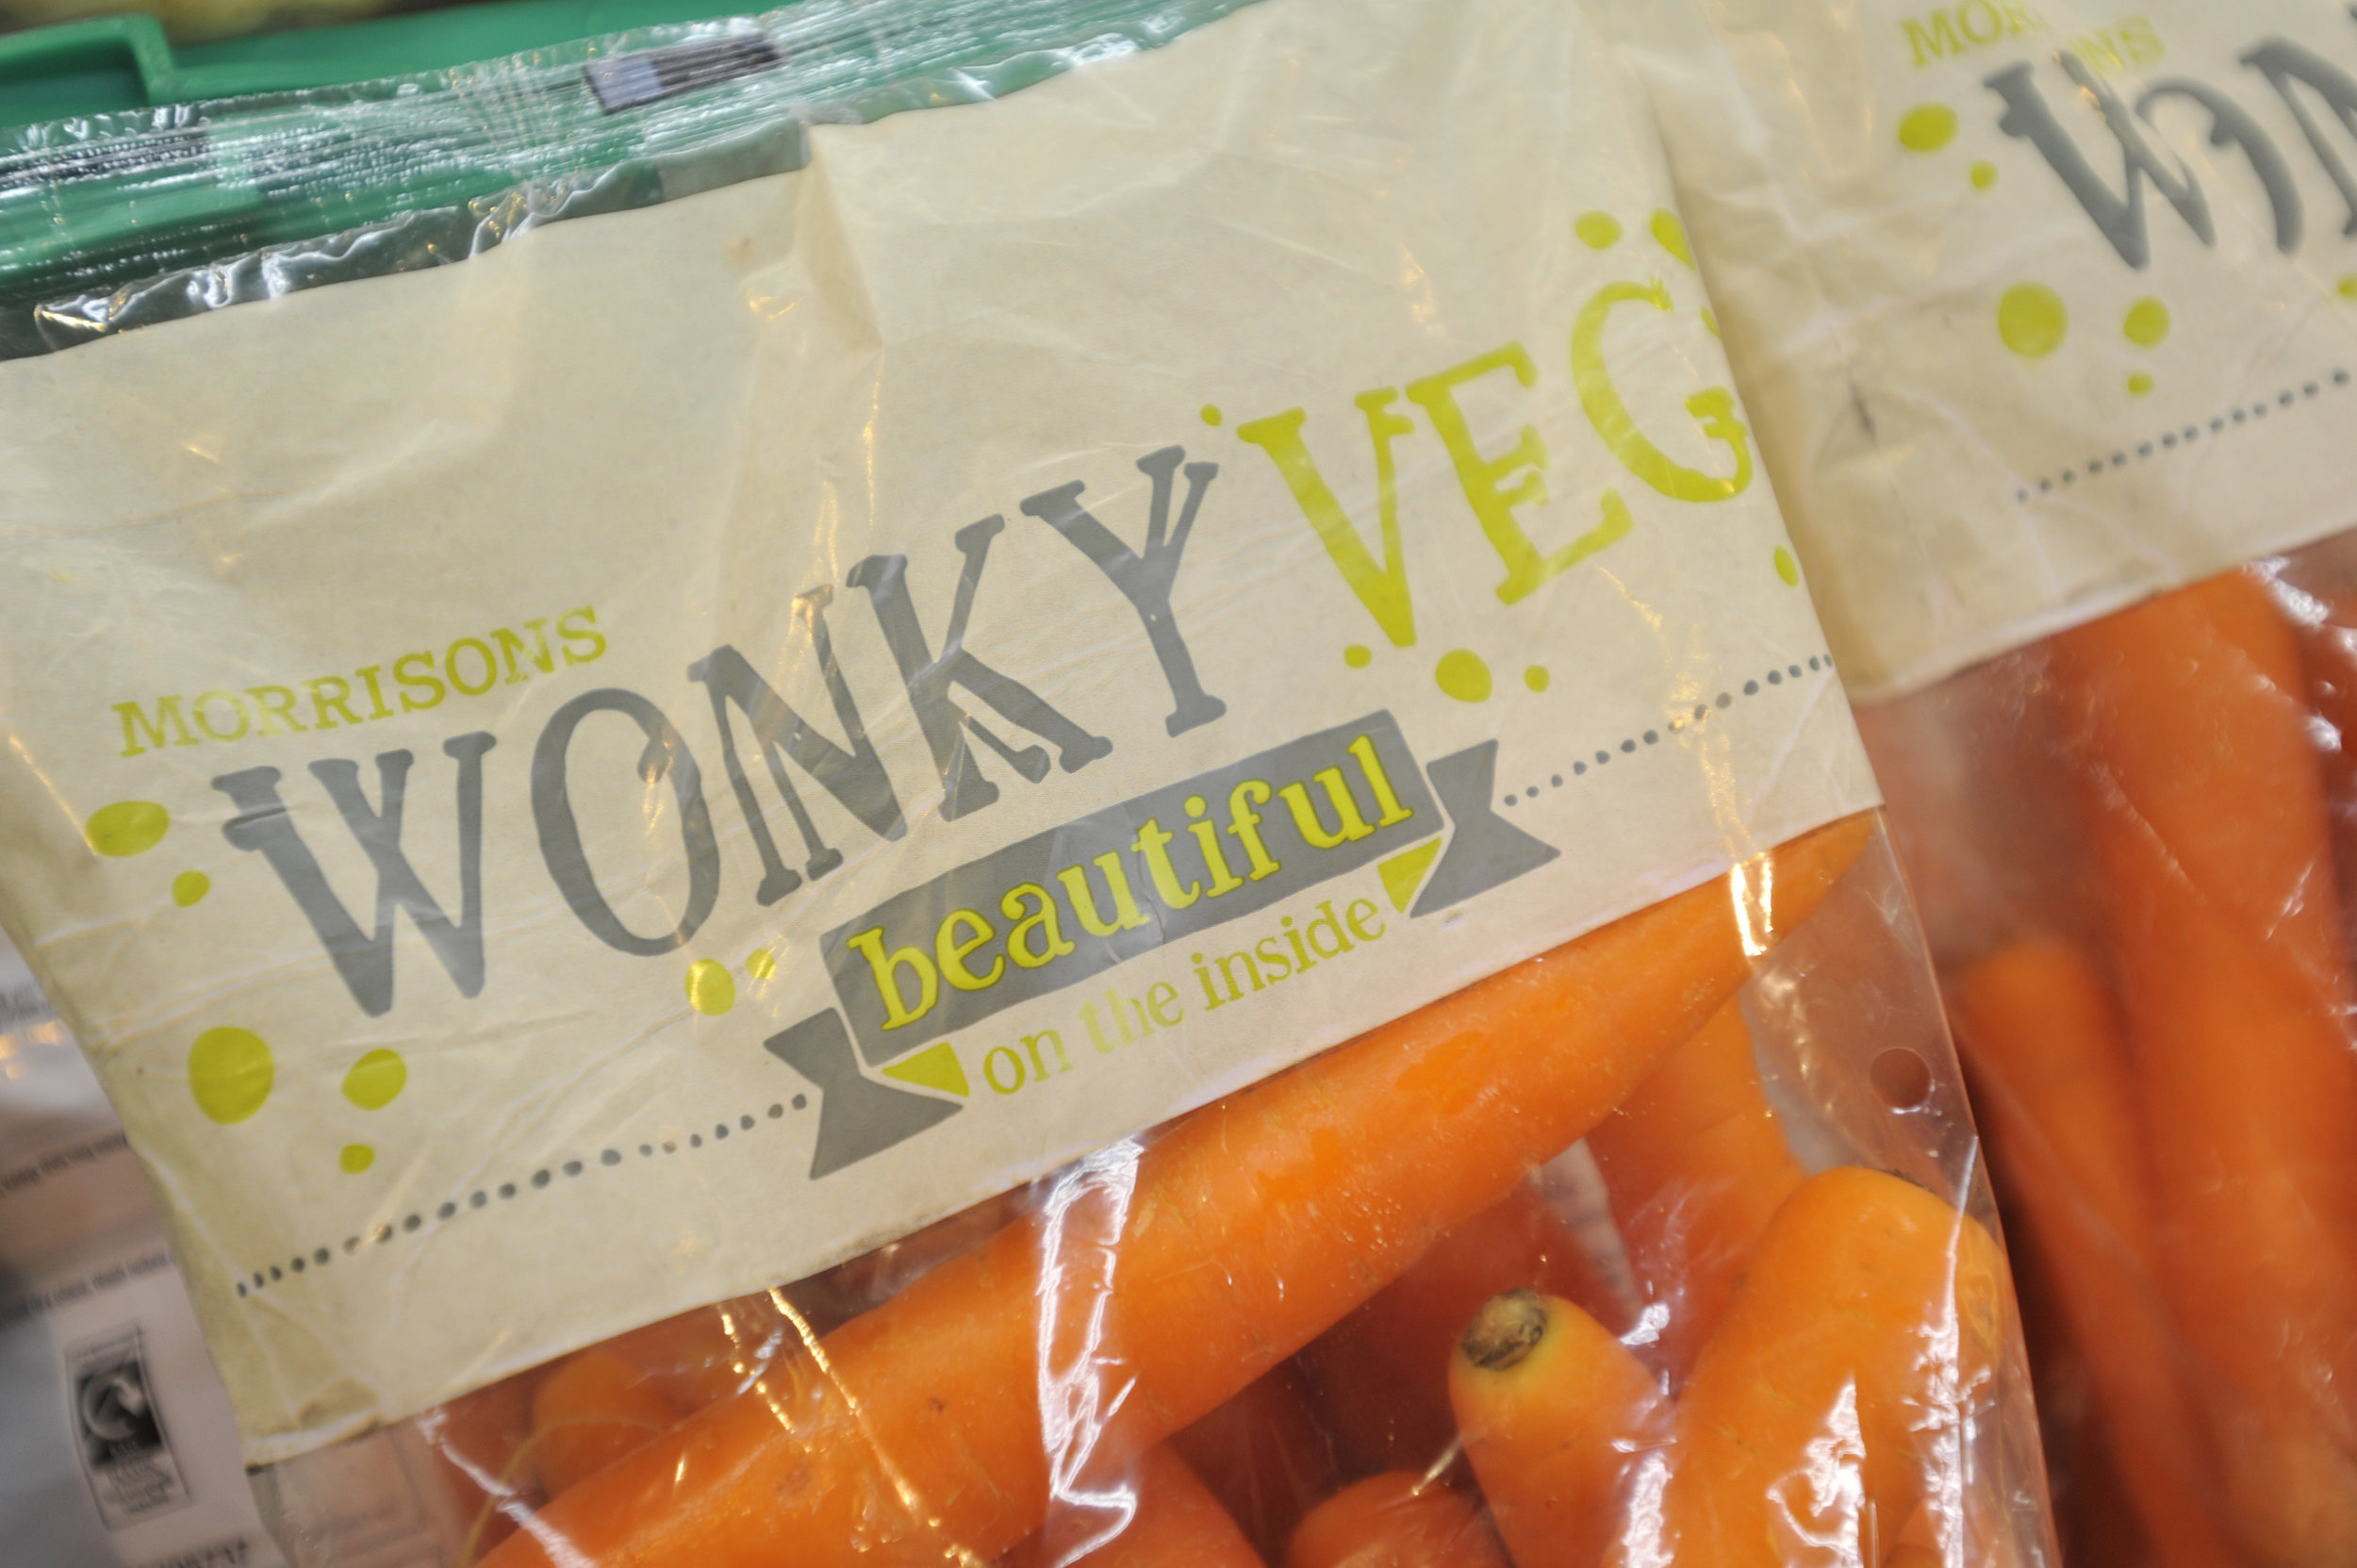 Morrisons Wonky Veg Carrots